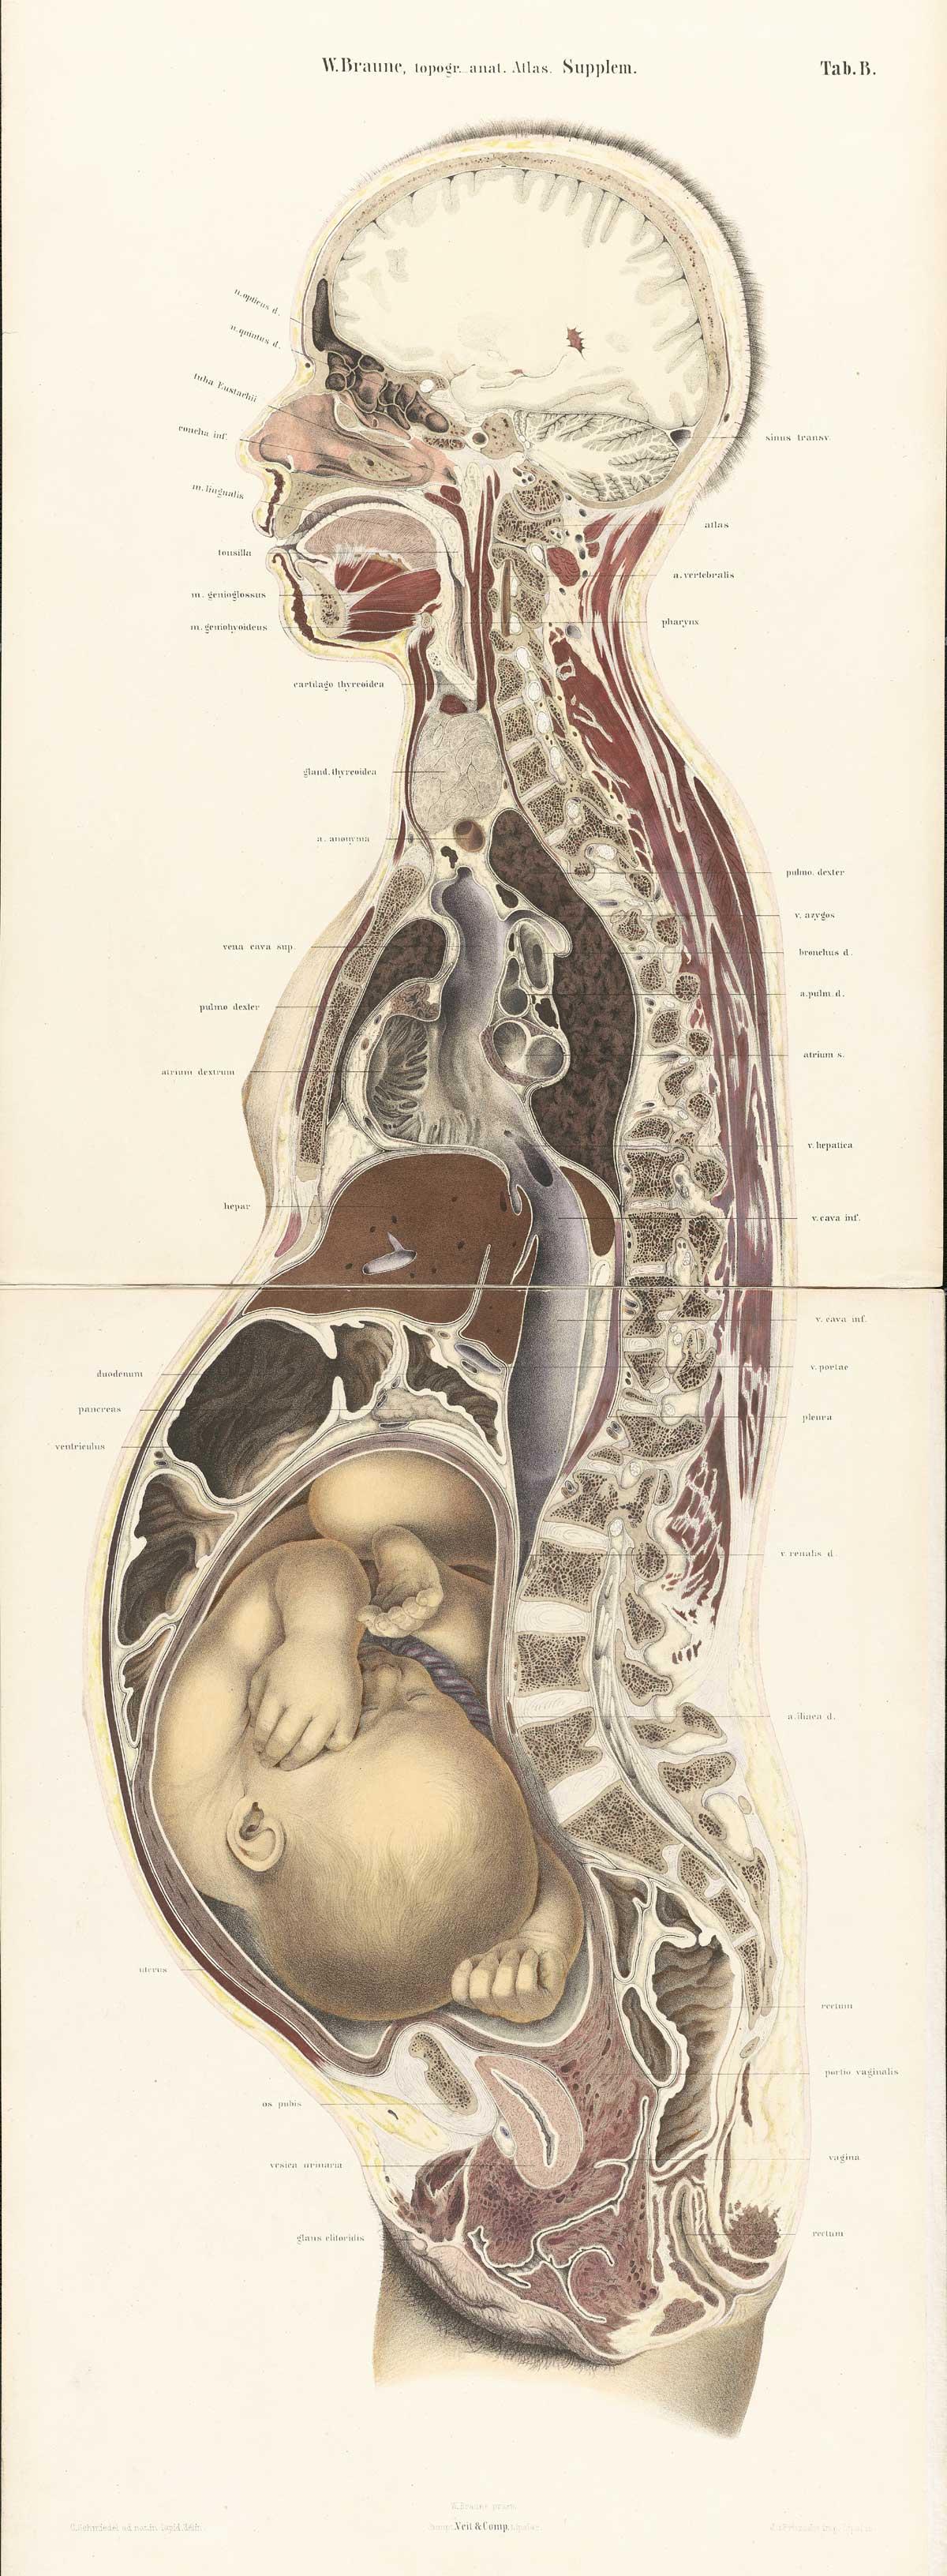 http://www.nlm.nih.gov/exhibition/historicalanatomies/Images/1200_pixels/braune2_B1.jpg